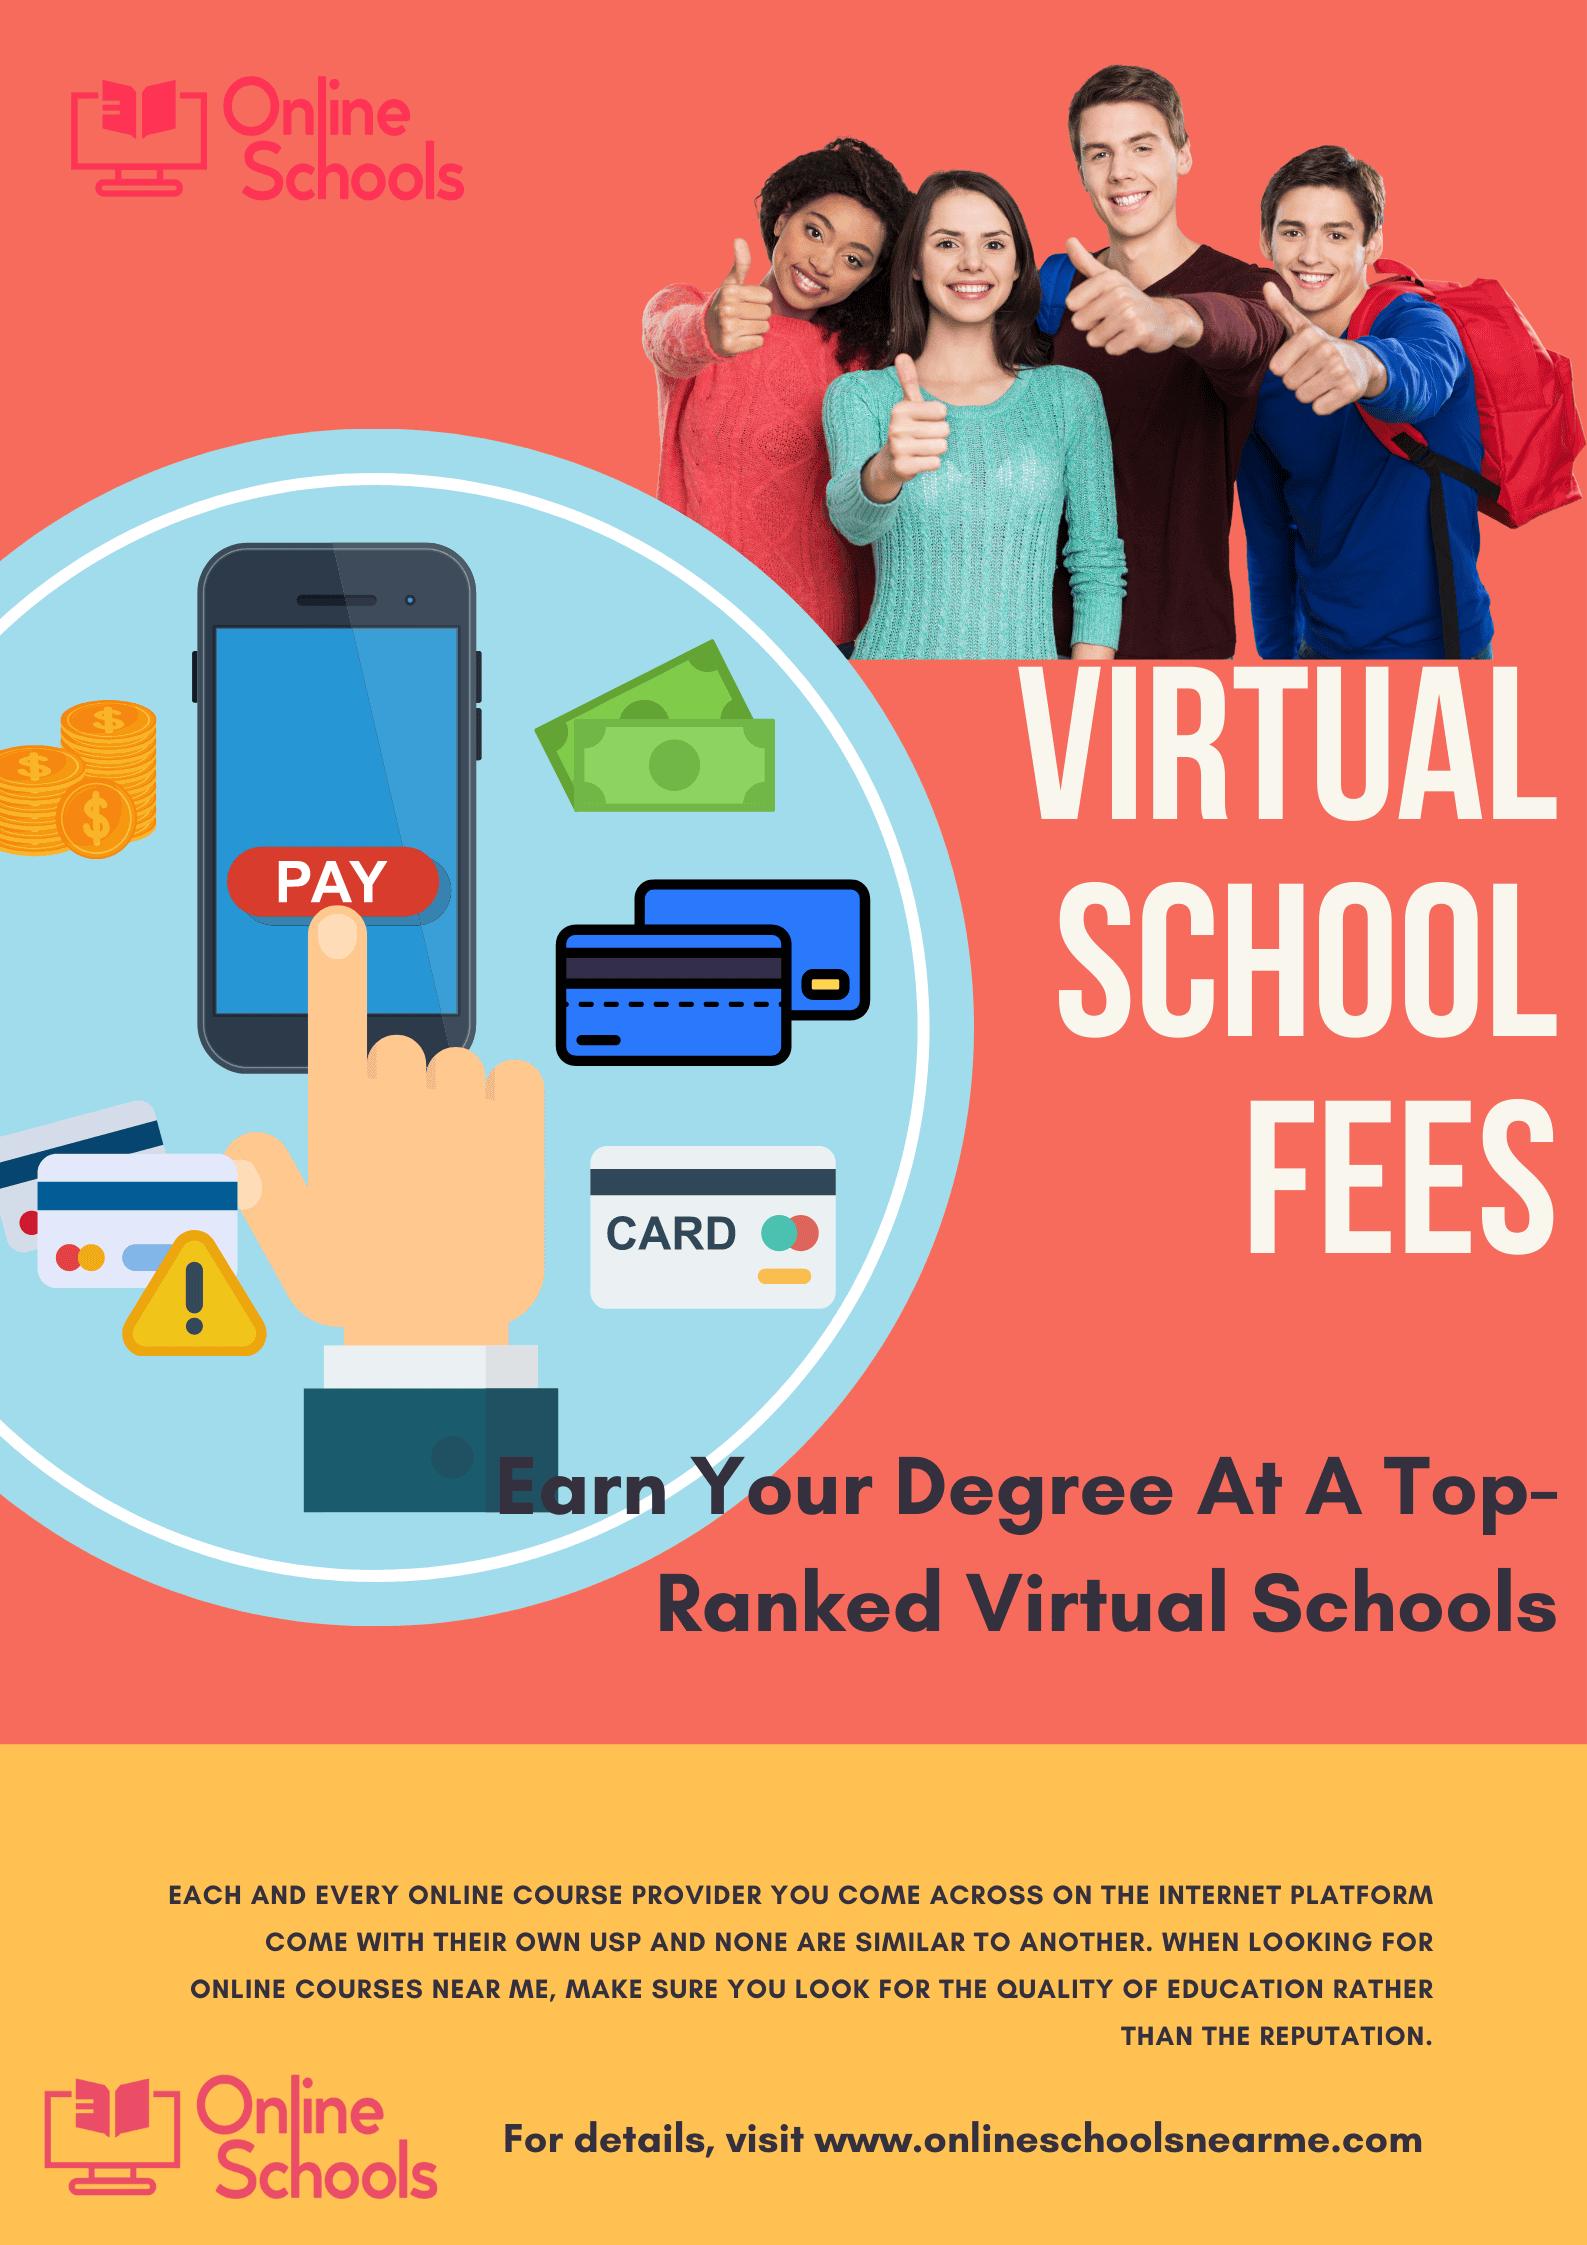 virtual school fees